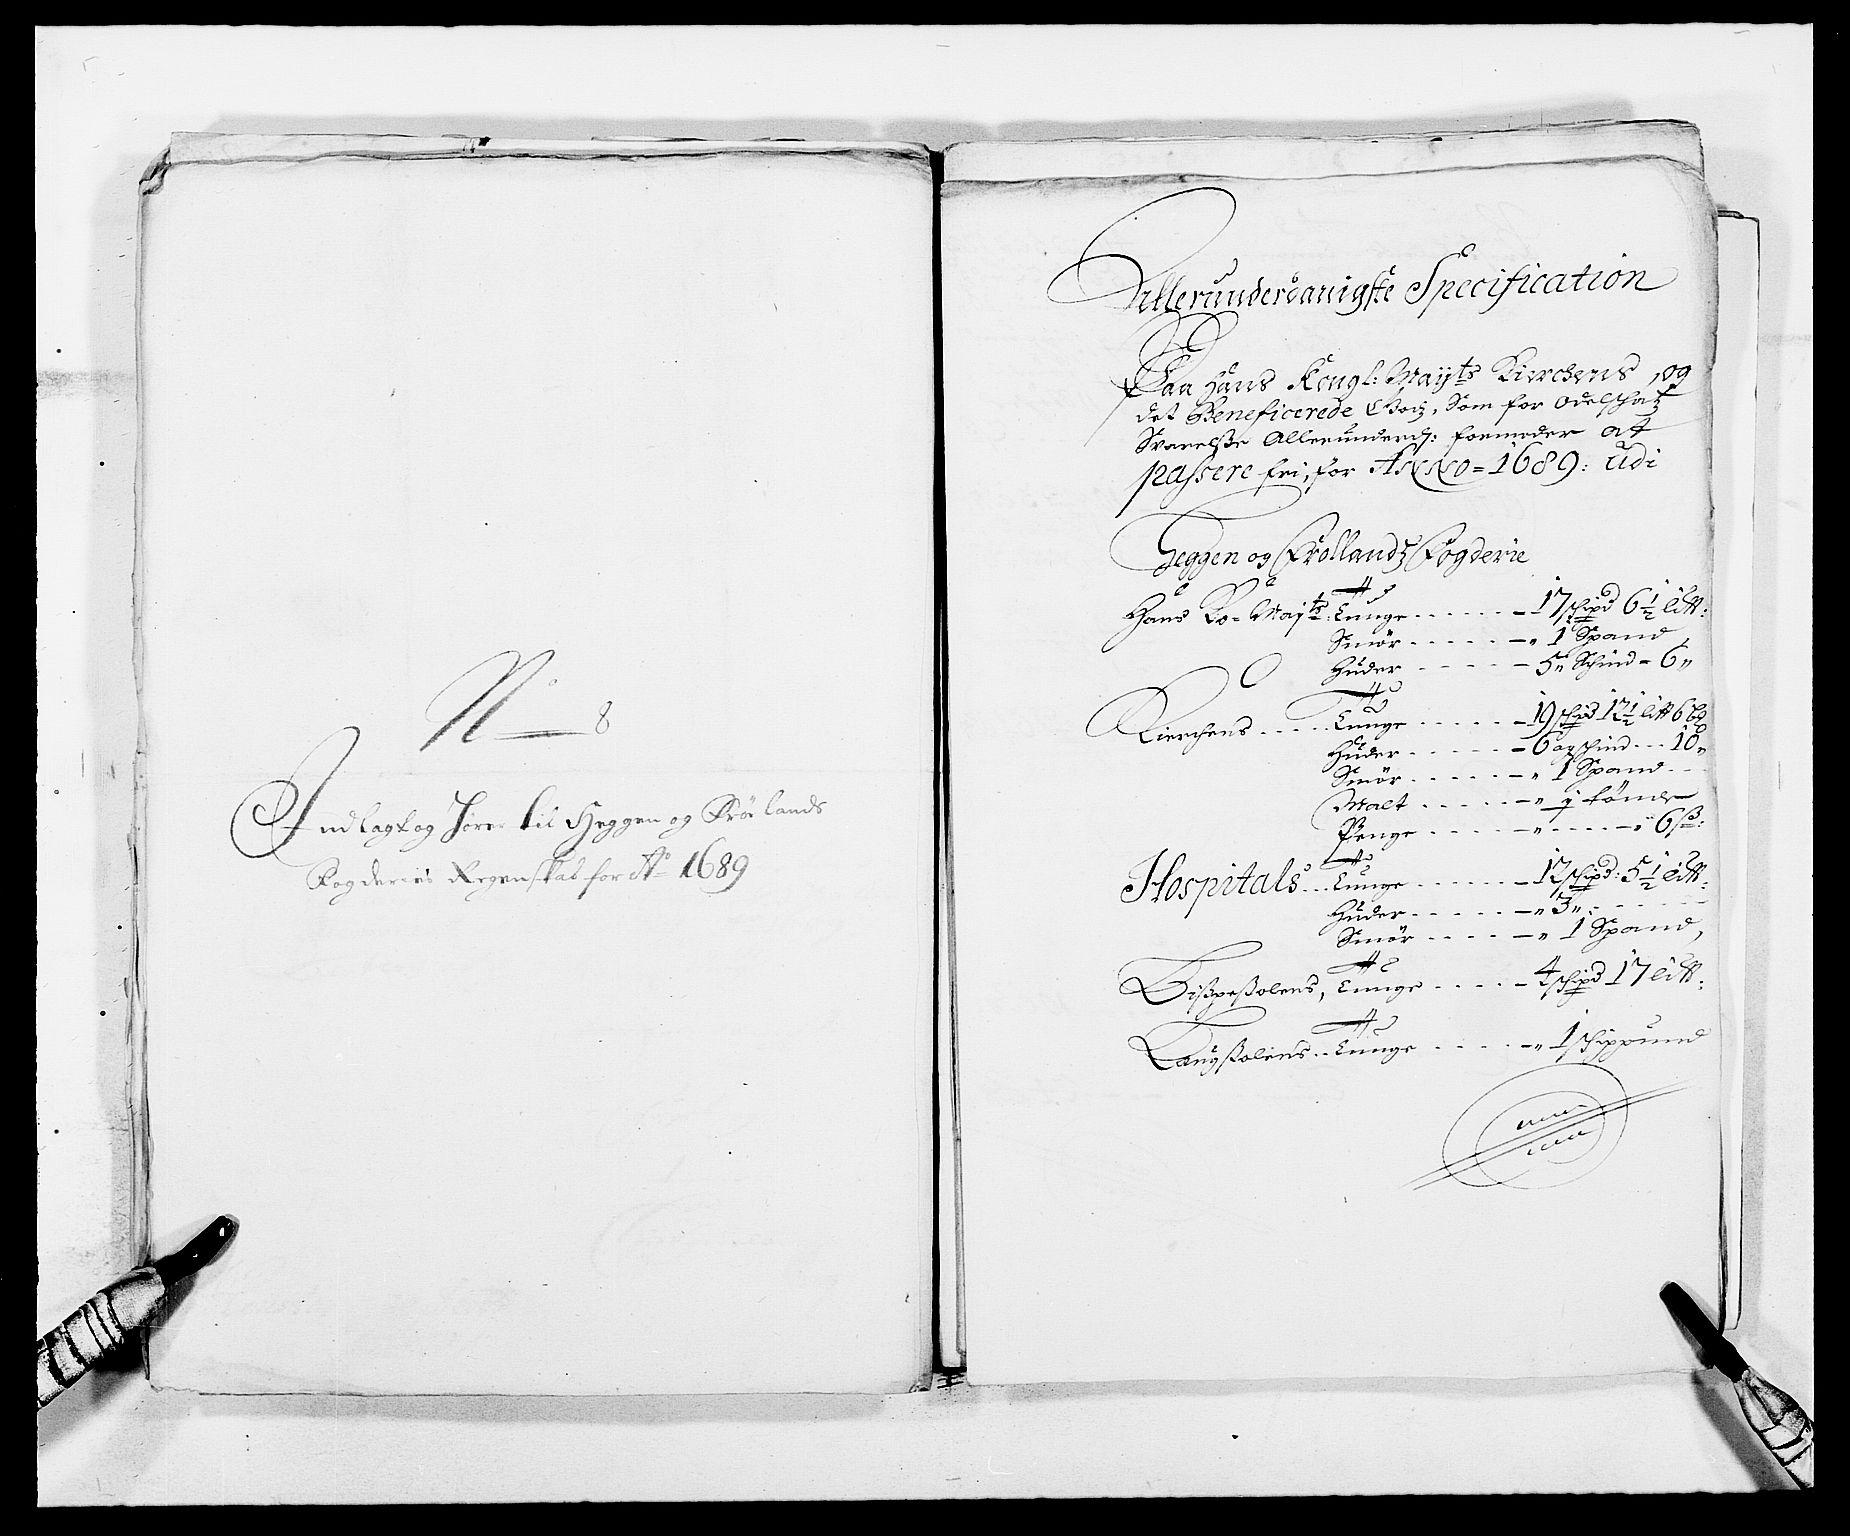 RA, Rentekammeret inntil 1814, Reviderte regnskaper, Fogderegnskap, R06/L0282: Fogderegnskap Heggen og Frøland, 1687-1690, s. 174